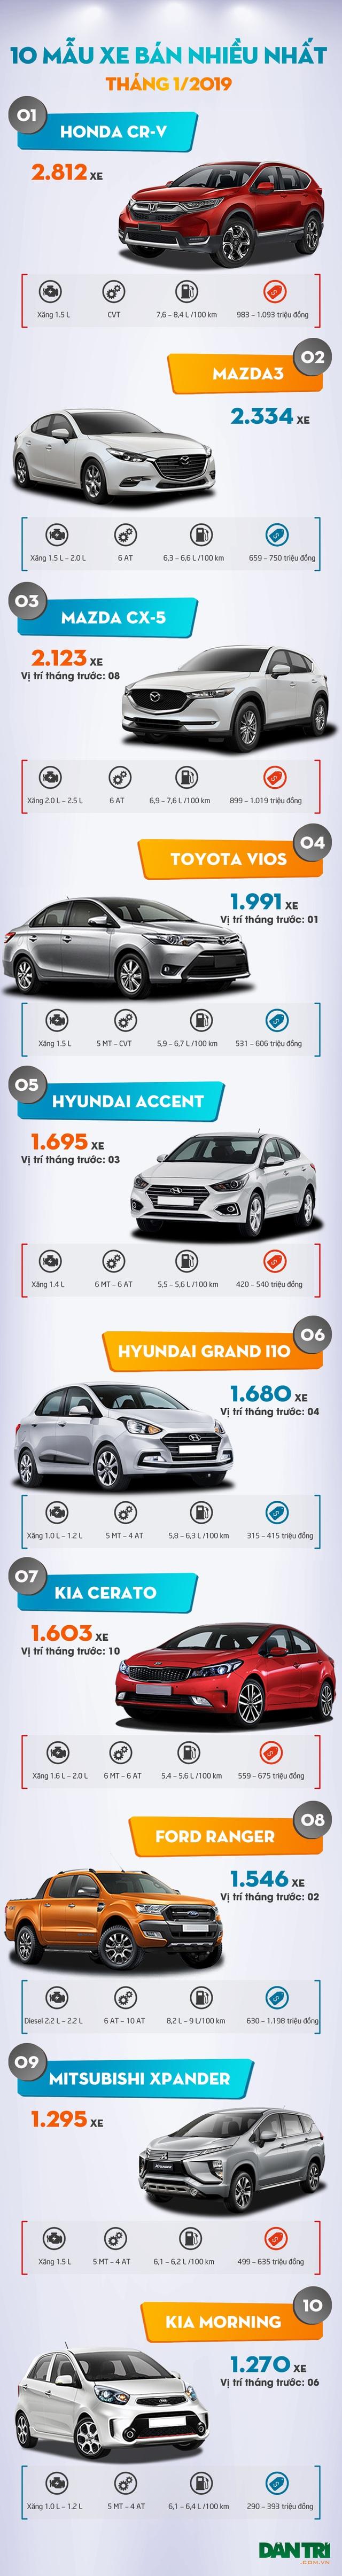 10 mẫu xe bán nhiều nhất tháng 1/2019: Toyota Vios bị hạ bệ - 1